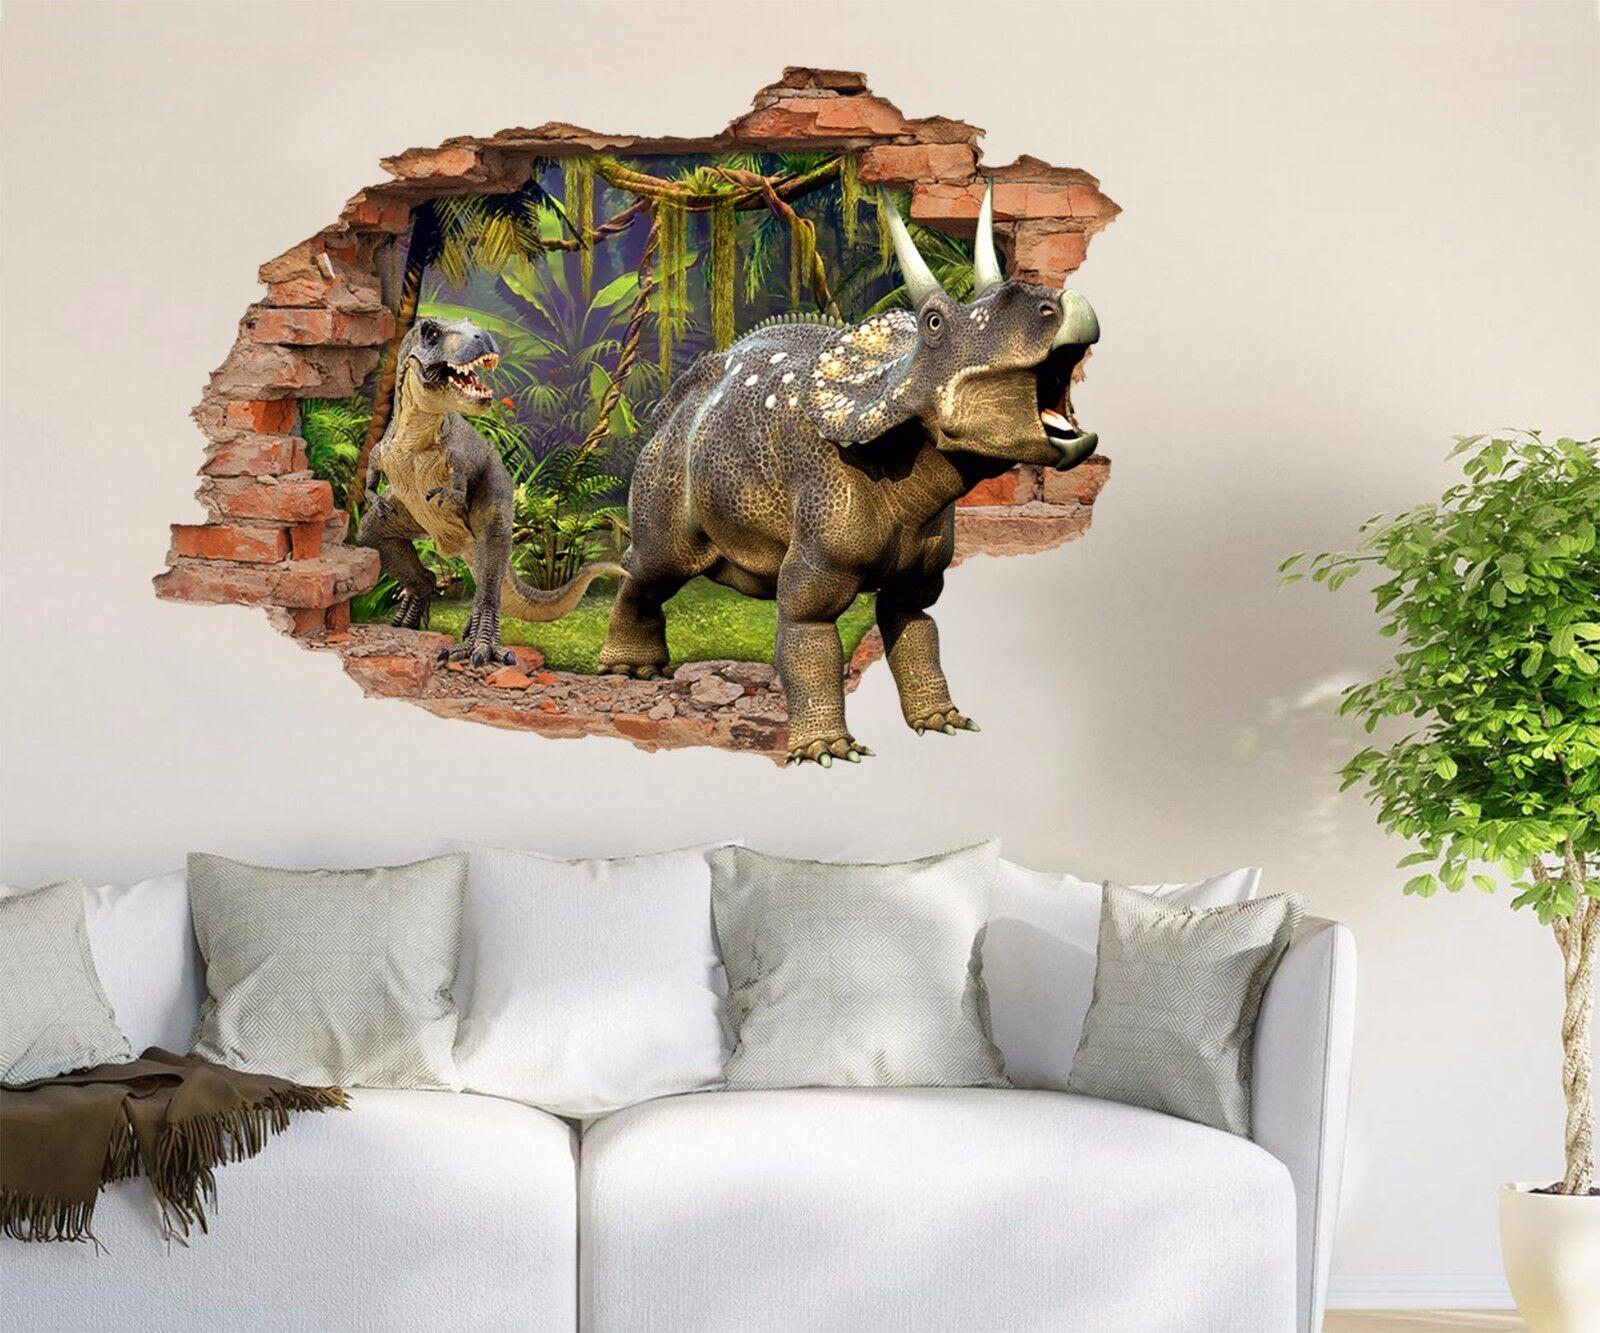 3D Dinosaurier 838 Mauer Murals Mauer Aufklebe Decal Durchbruch AJ WALL DE Kyra